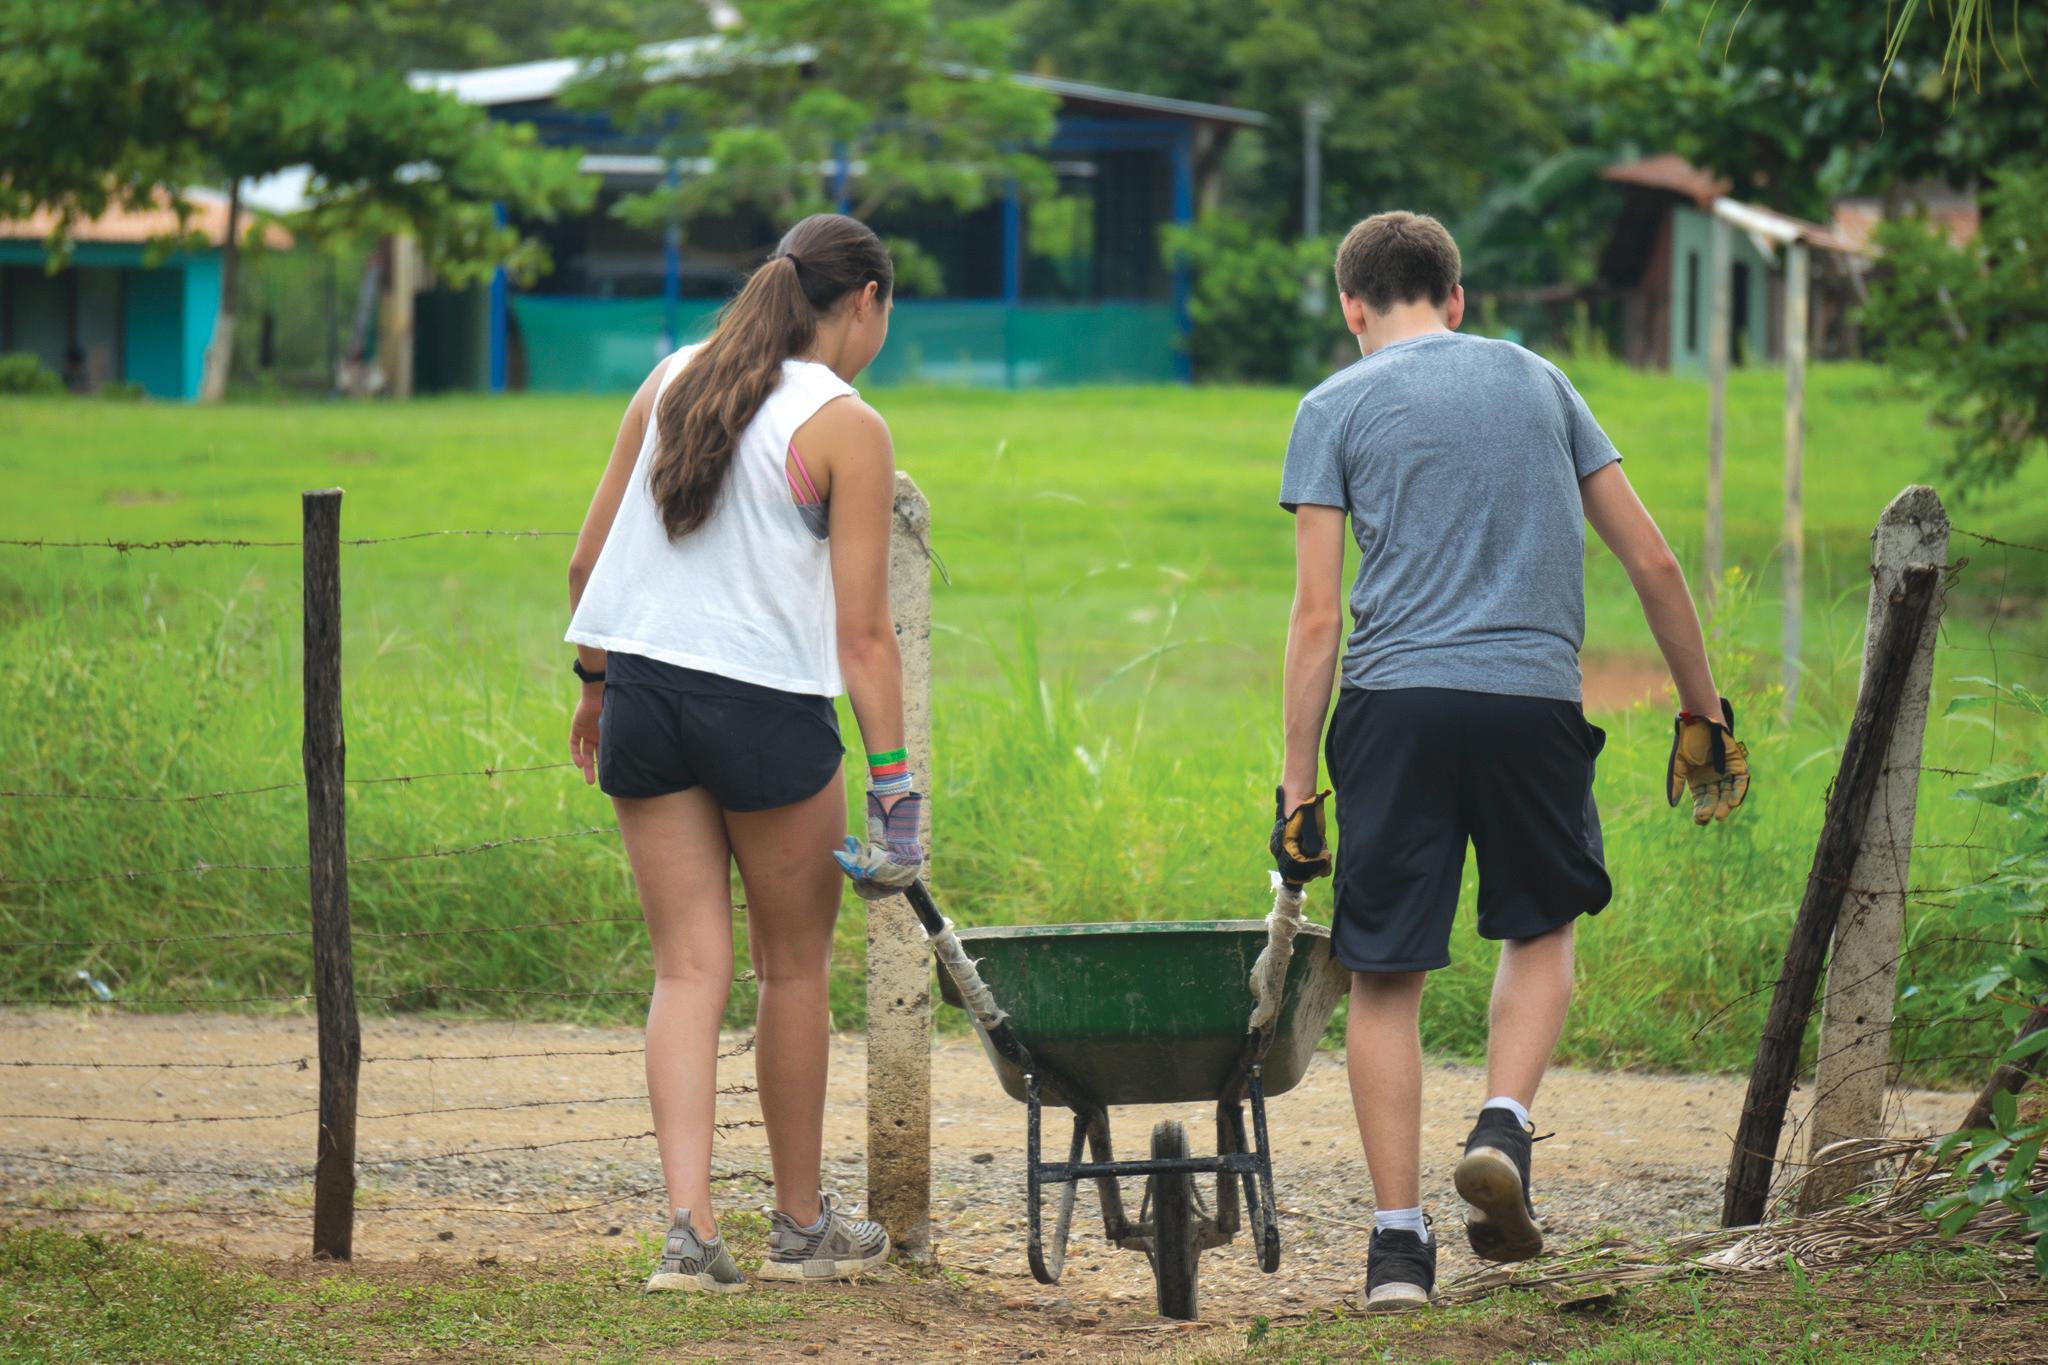 Costa Rica Community Service